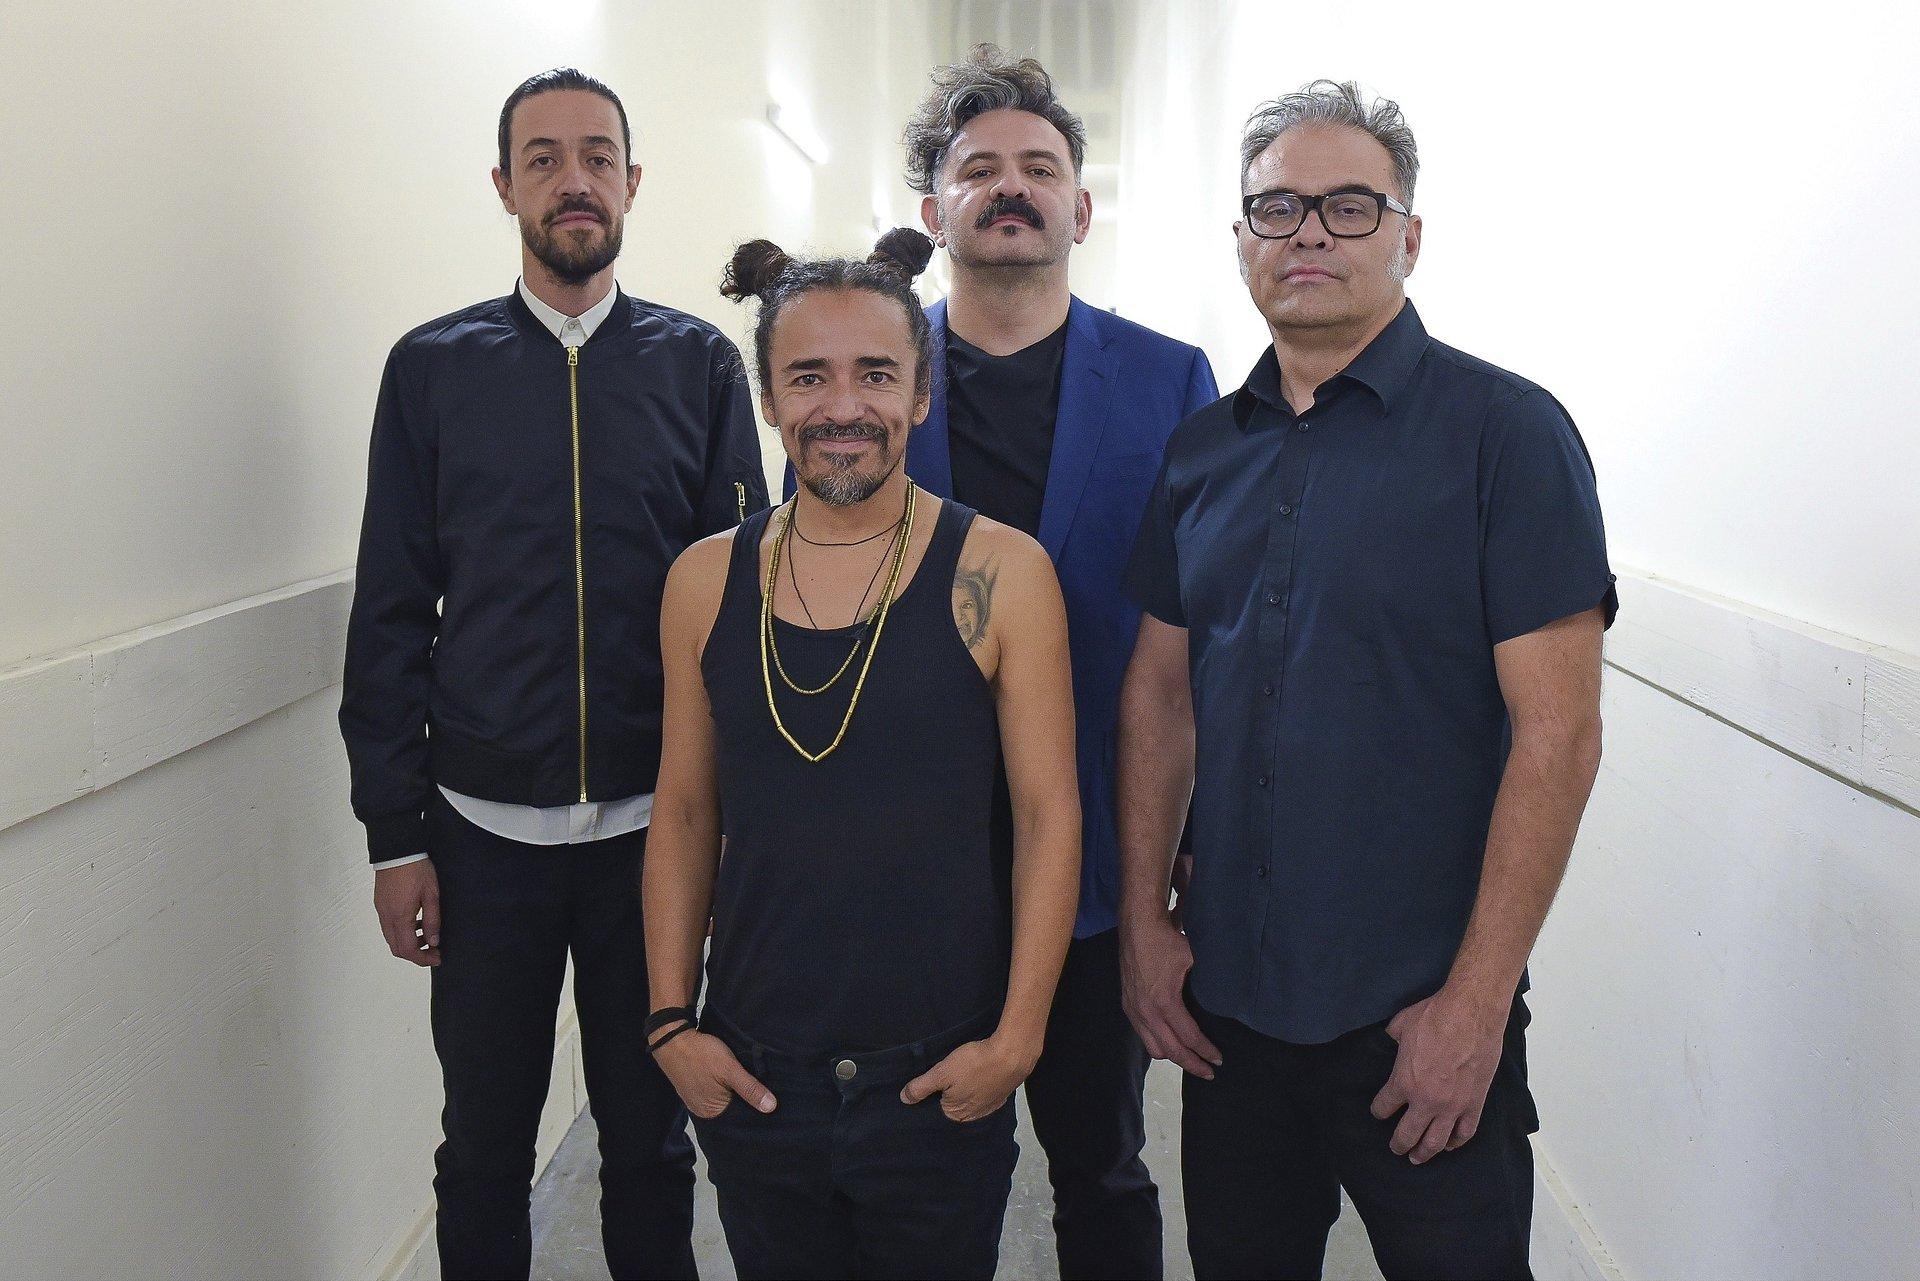 Café Tacvba festejará 30 años de carrera con tremendo y emotivo concierto